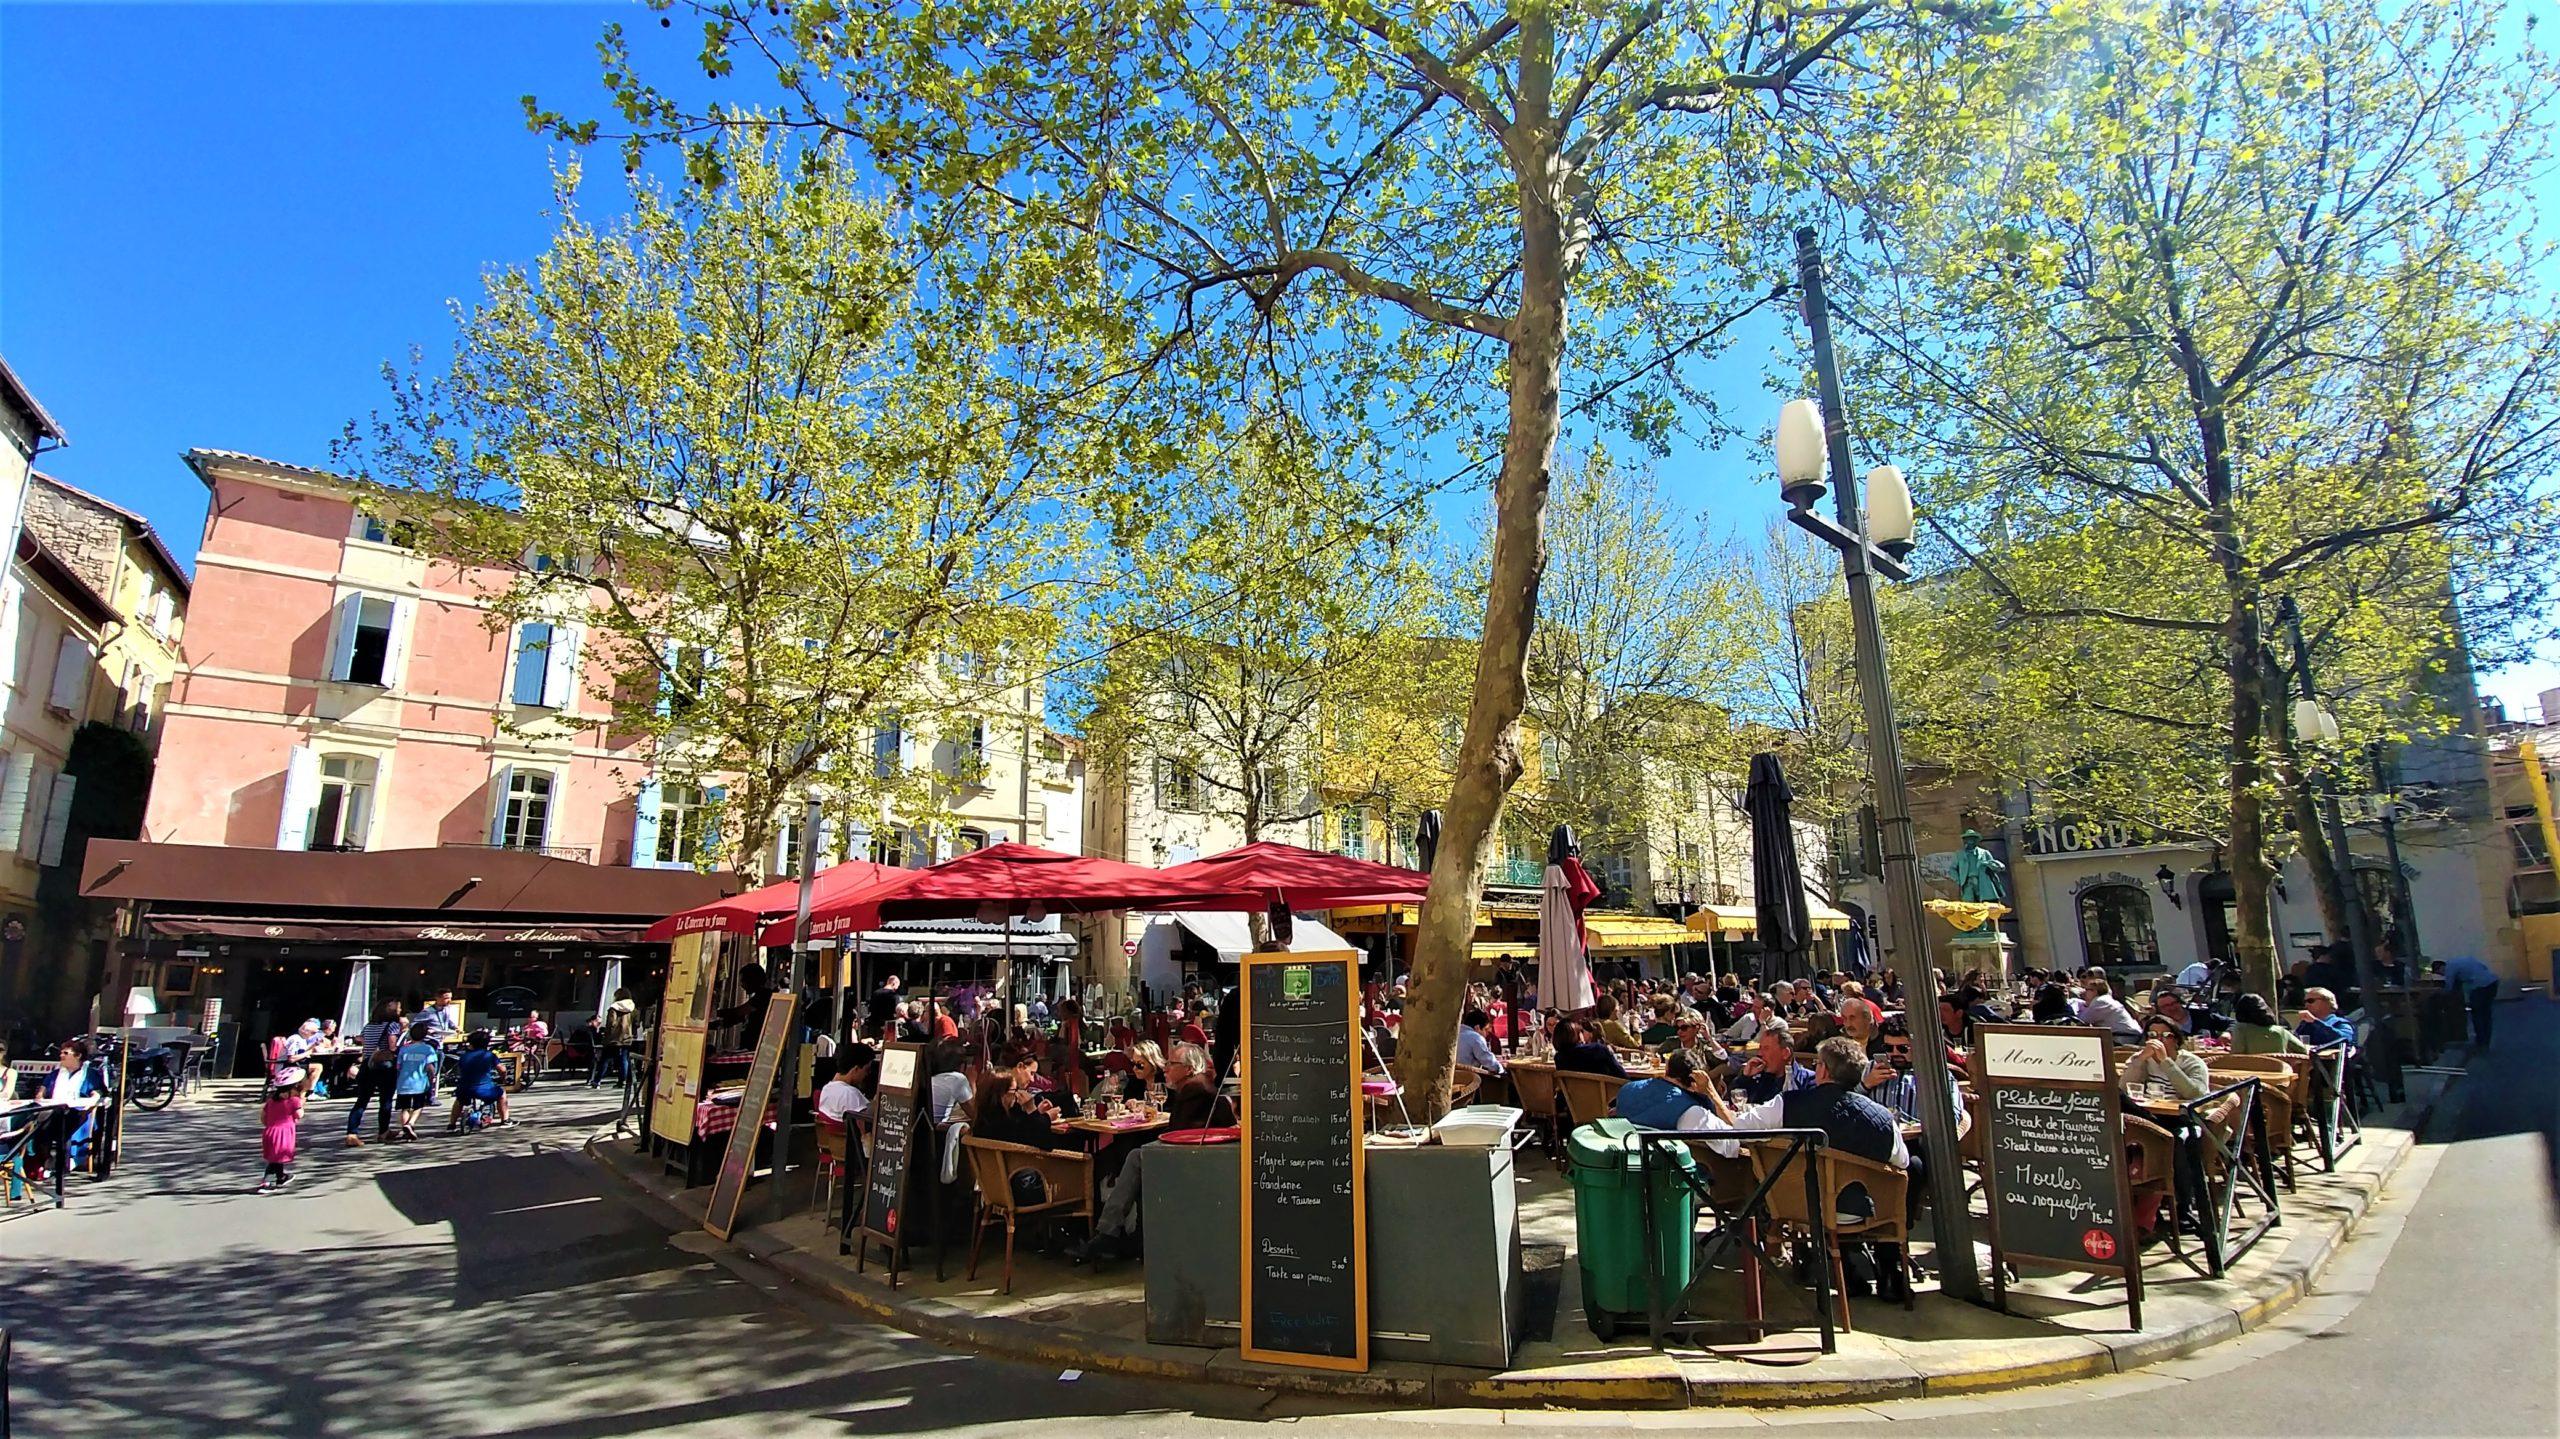 Arles place du Forum Van Gogh où manger infos pratiques